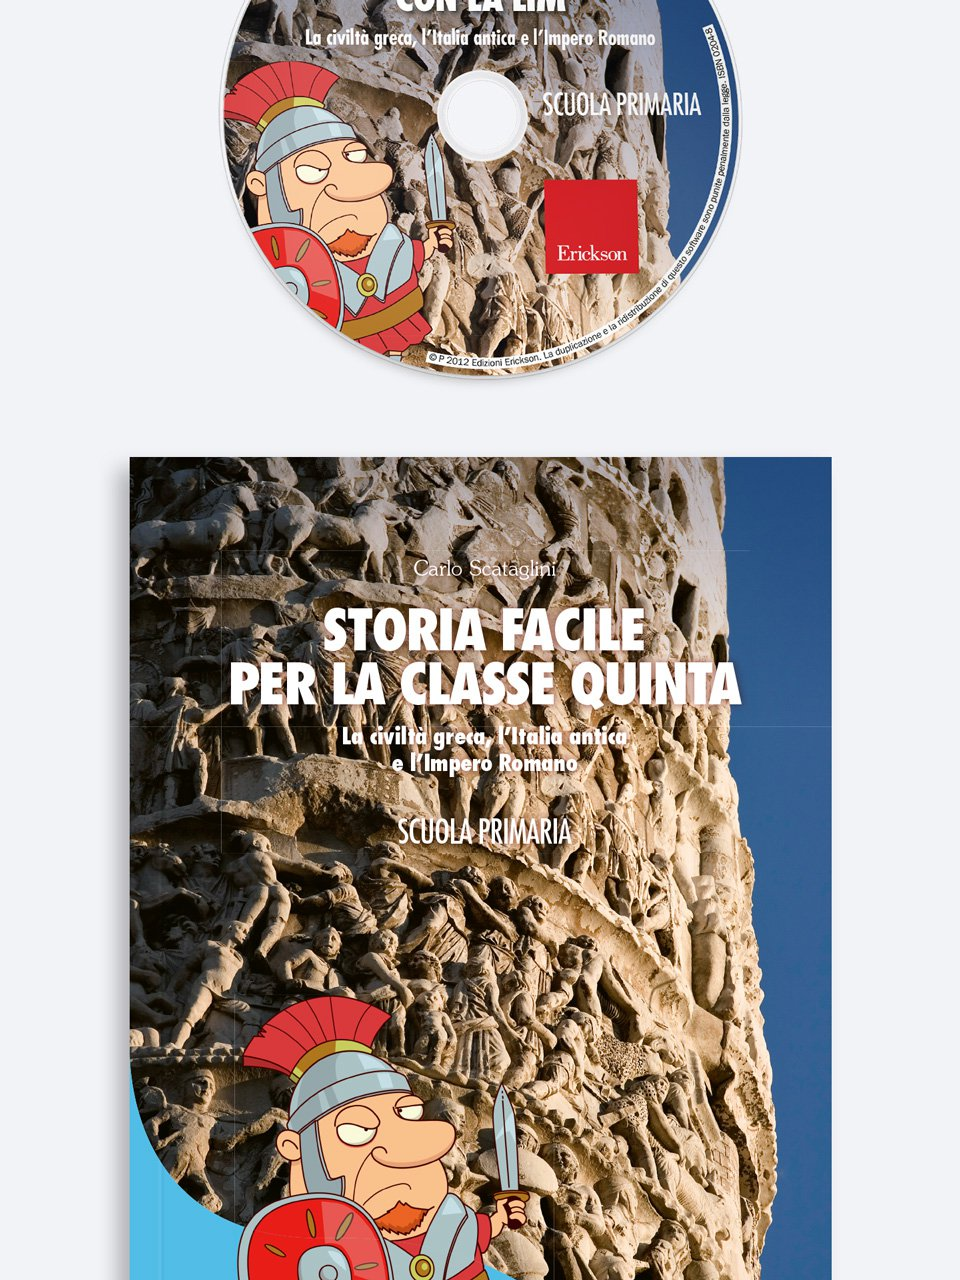 Storia facile per la classe quinta - Geografia facile per la classe quinta - Libri - Erickson 2